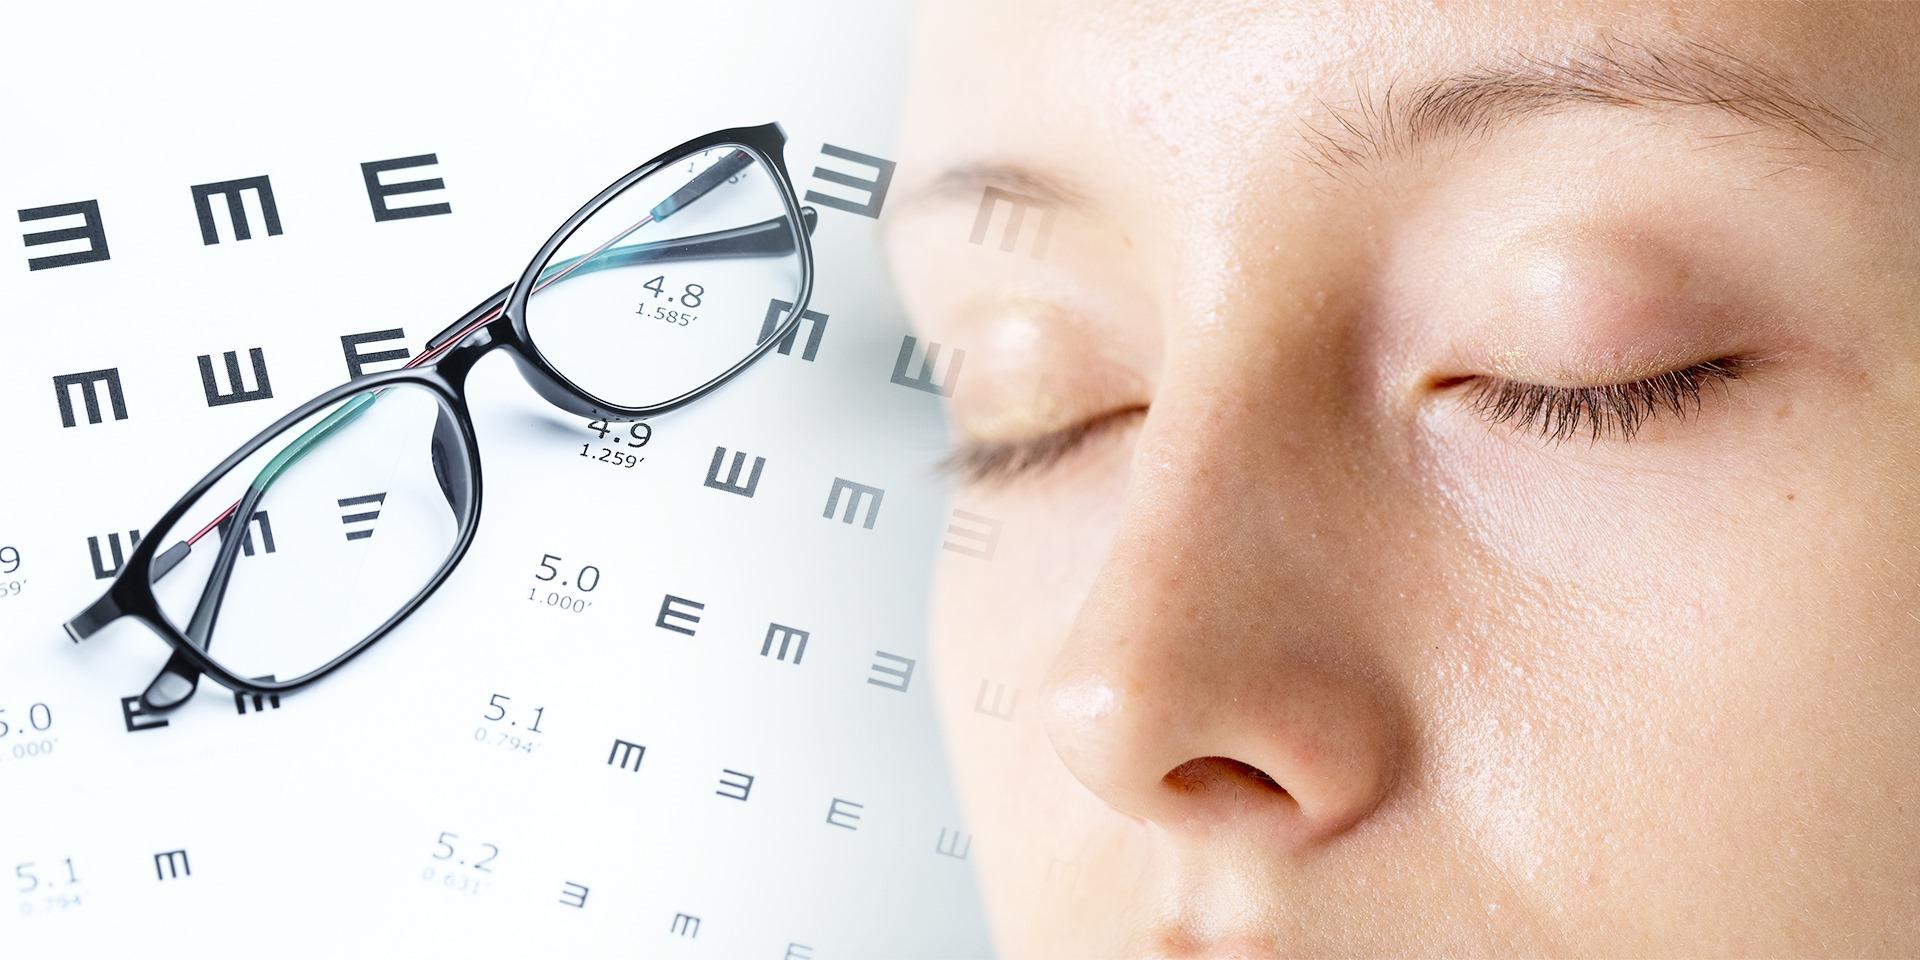 처진 눈꺼풀로 졸려 보이는 눈<BR />시력과 눈건강에도 영향을 미치는 안검하수